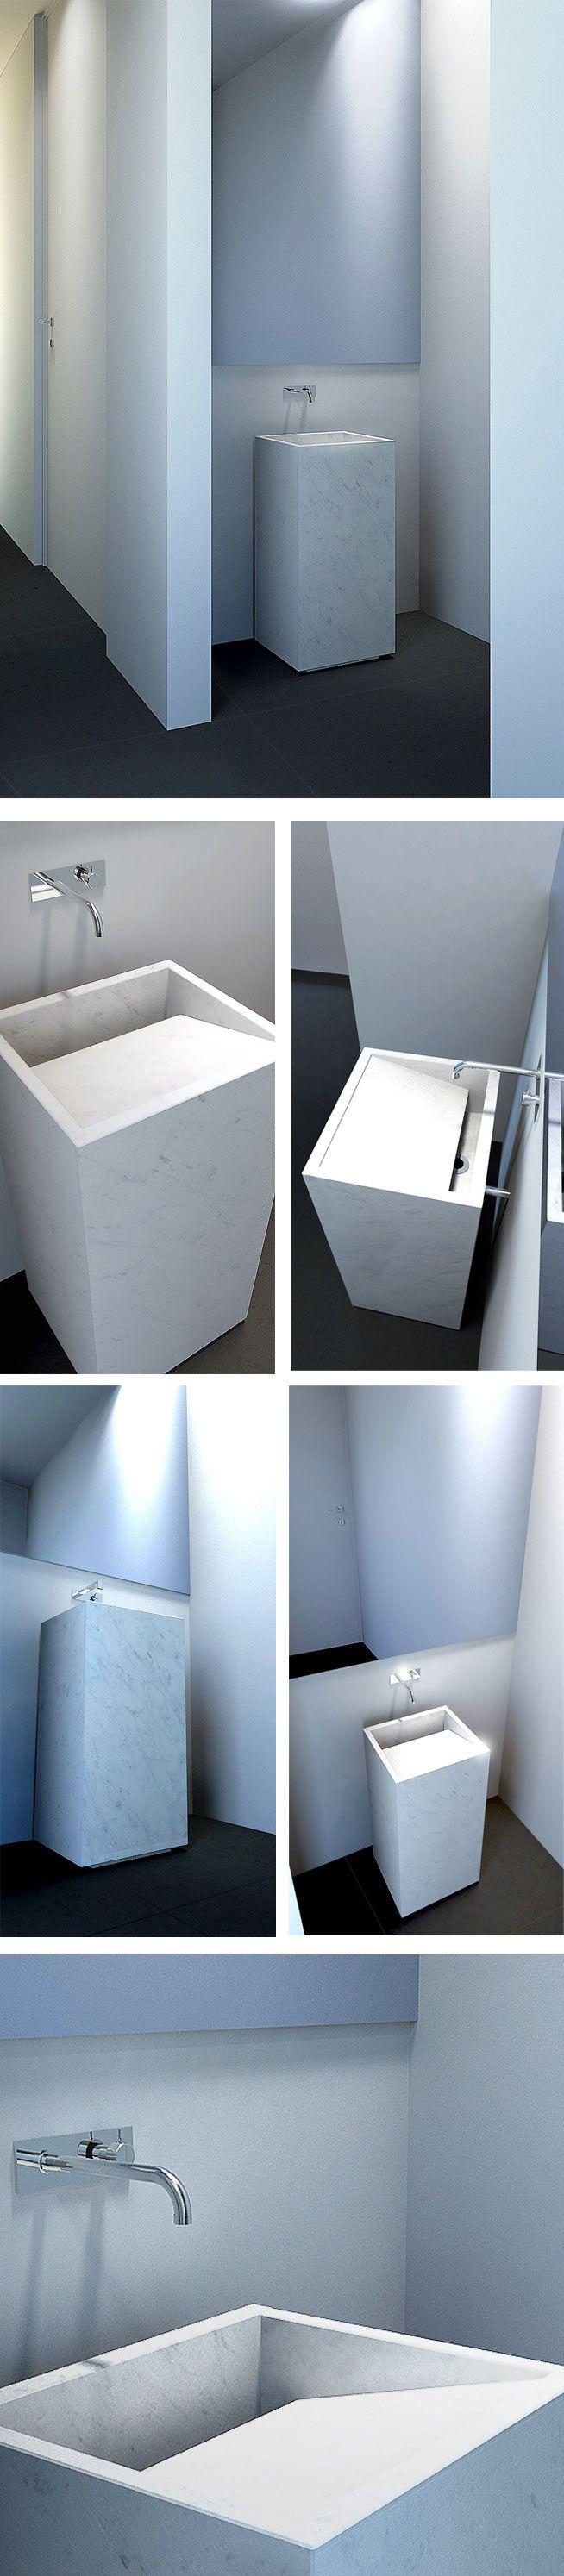 lavabo - Prototypage mobilier (3D)